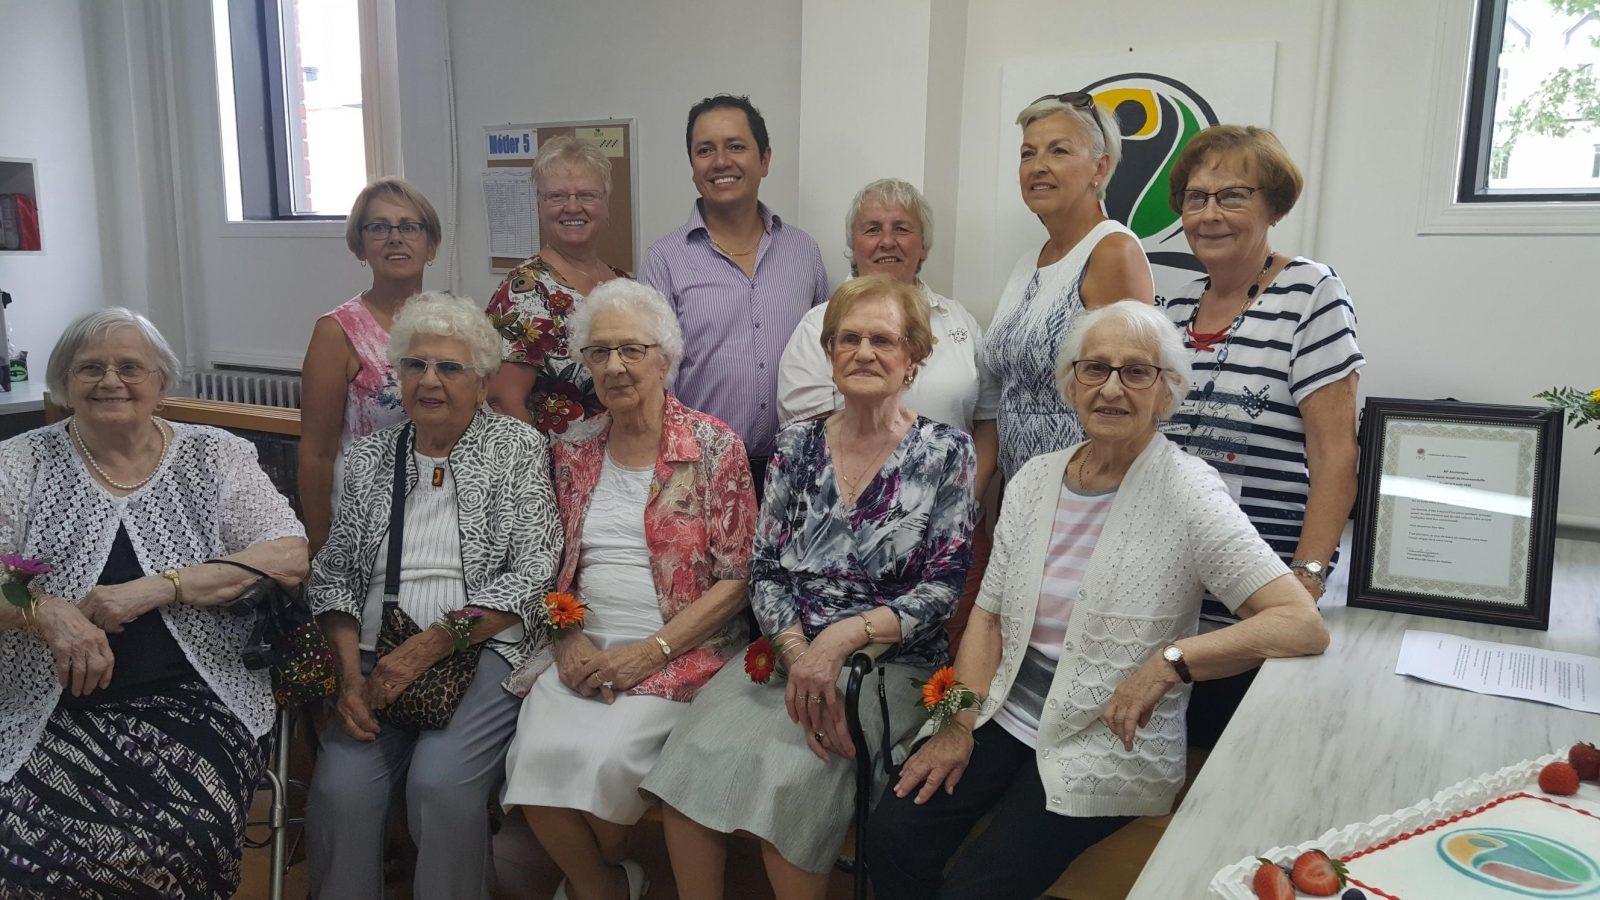 Le Cercle des fermières St-Joseph a 80 ans